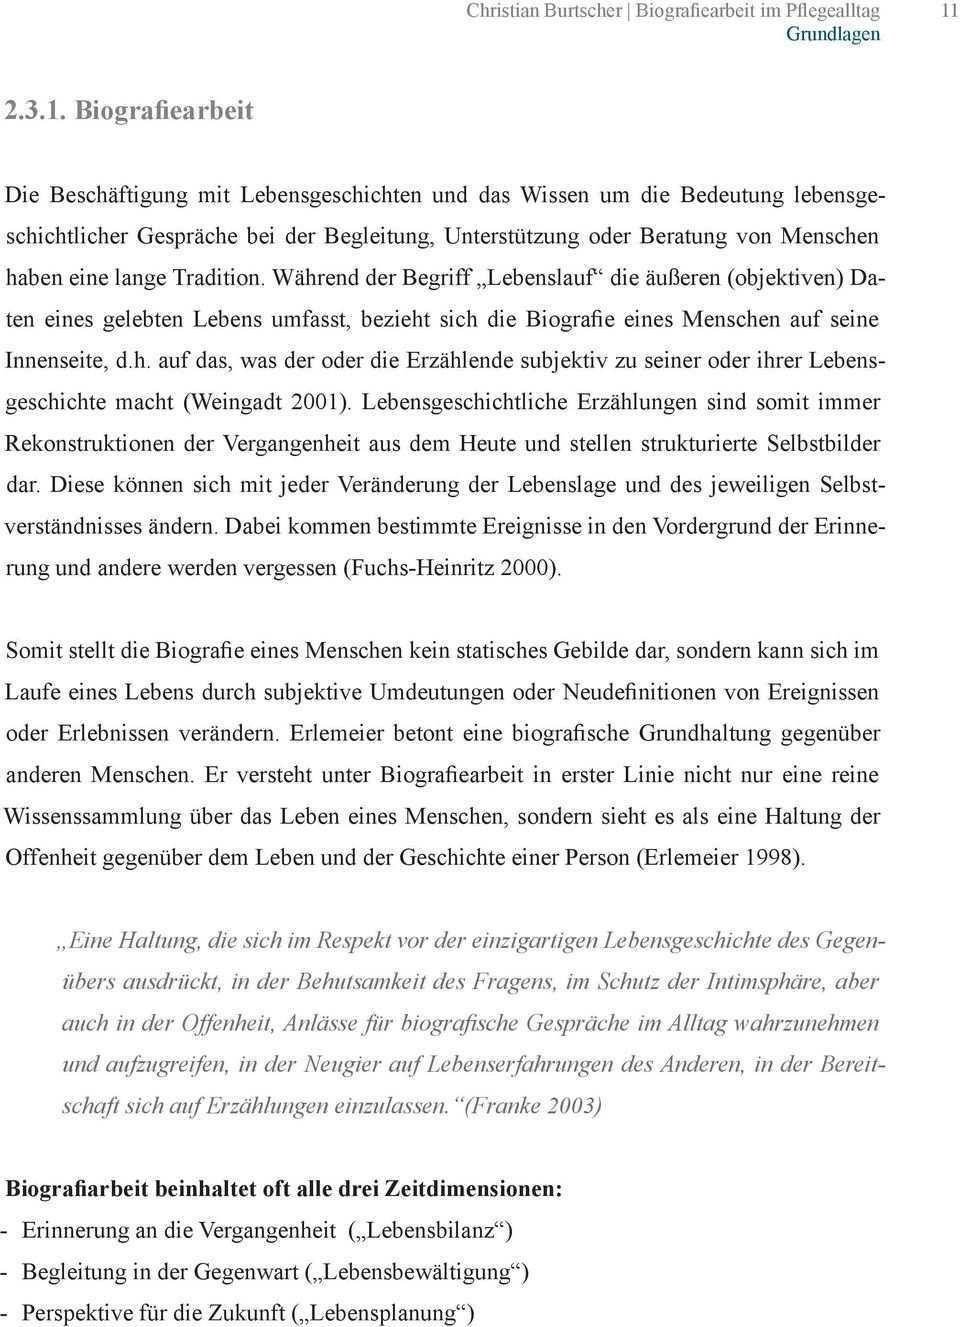 Burtscher Christian Biografiearbeit Im Pflegealltag Fachbereichsarbeit Pdf Kostenfreier Download